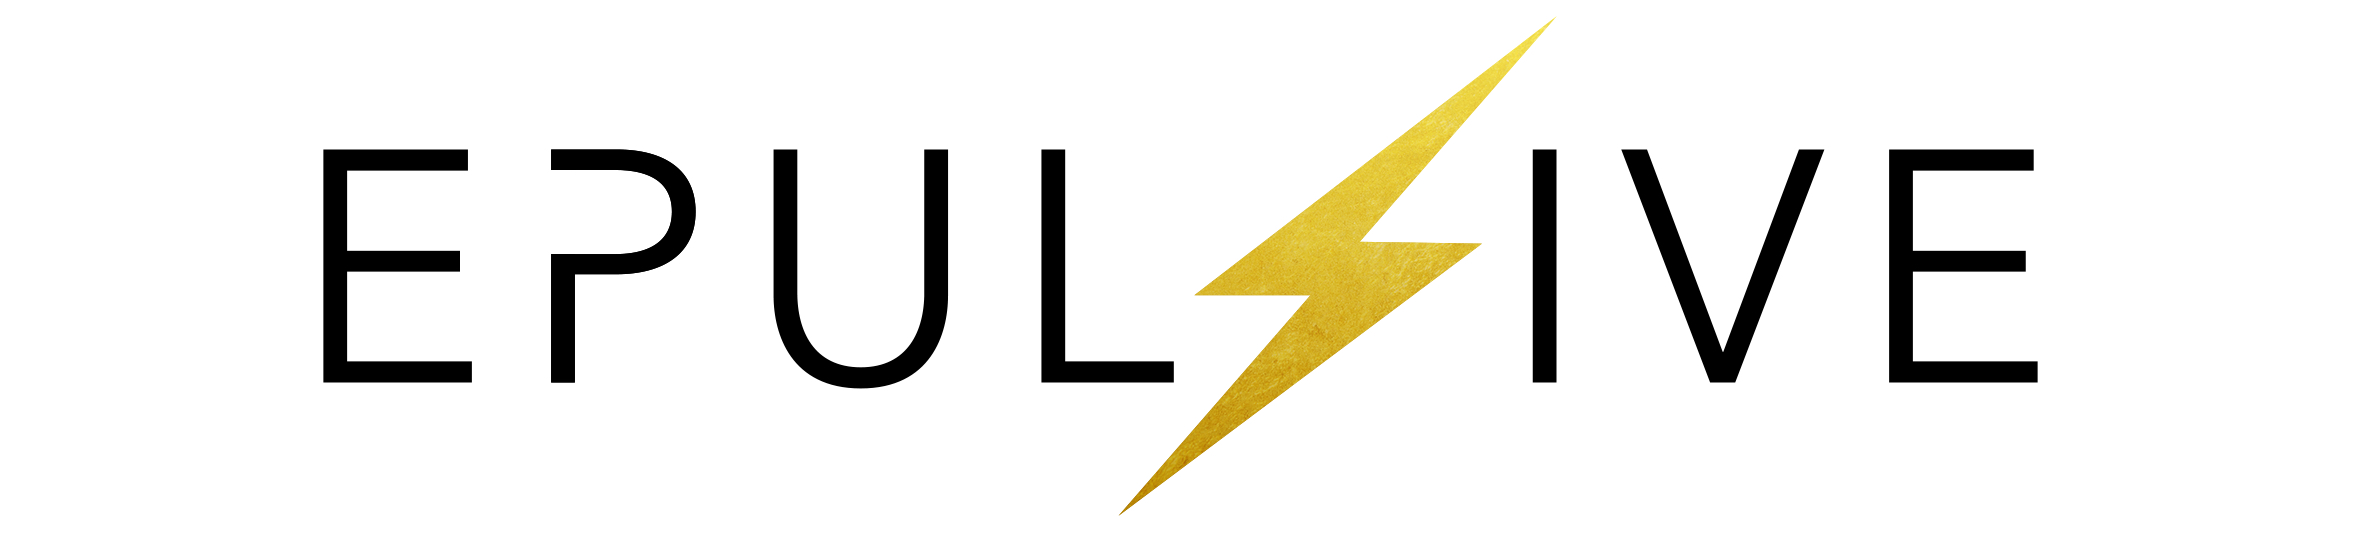 Logo Dec17 jpeg.jpg